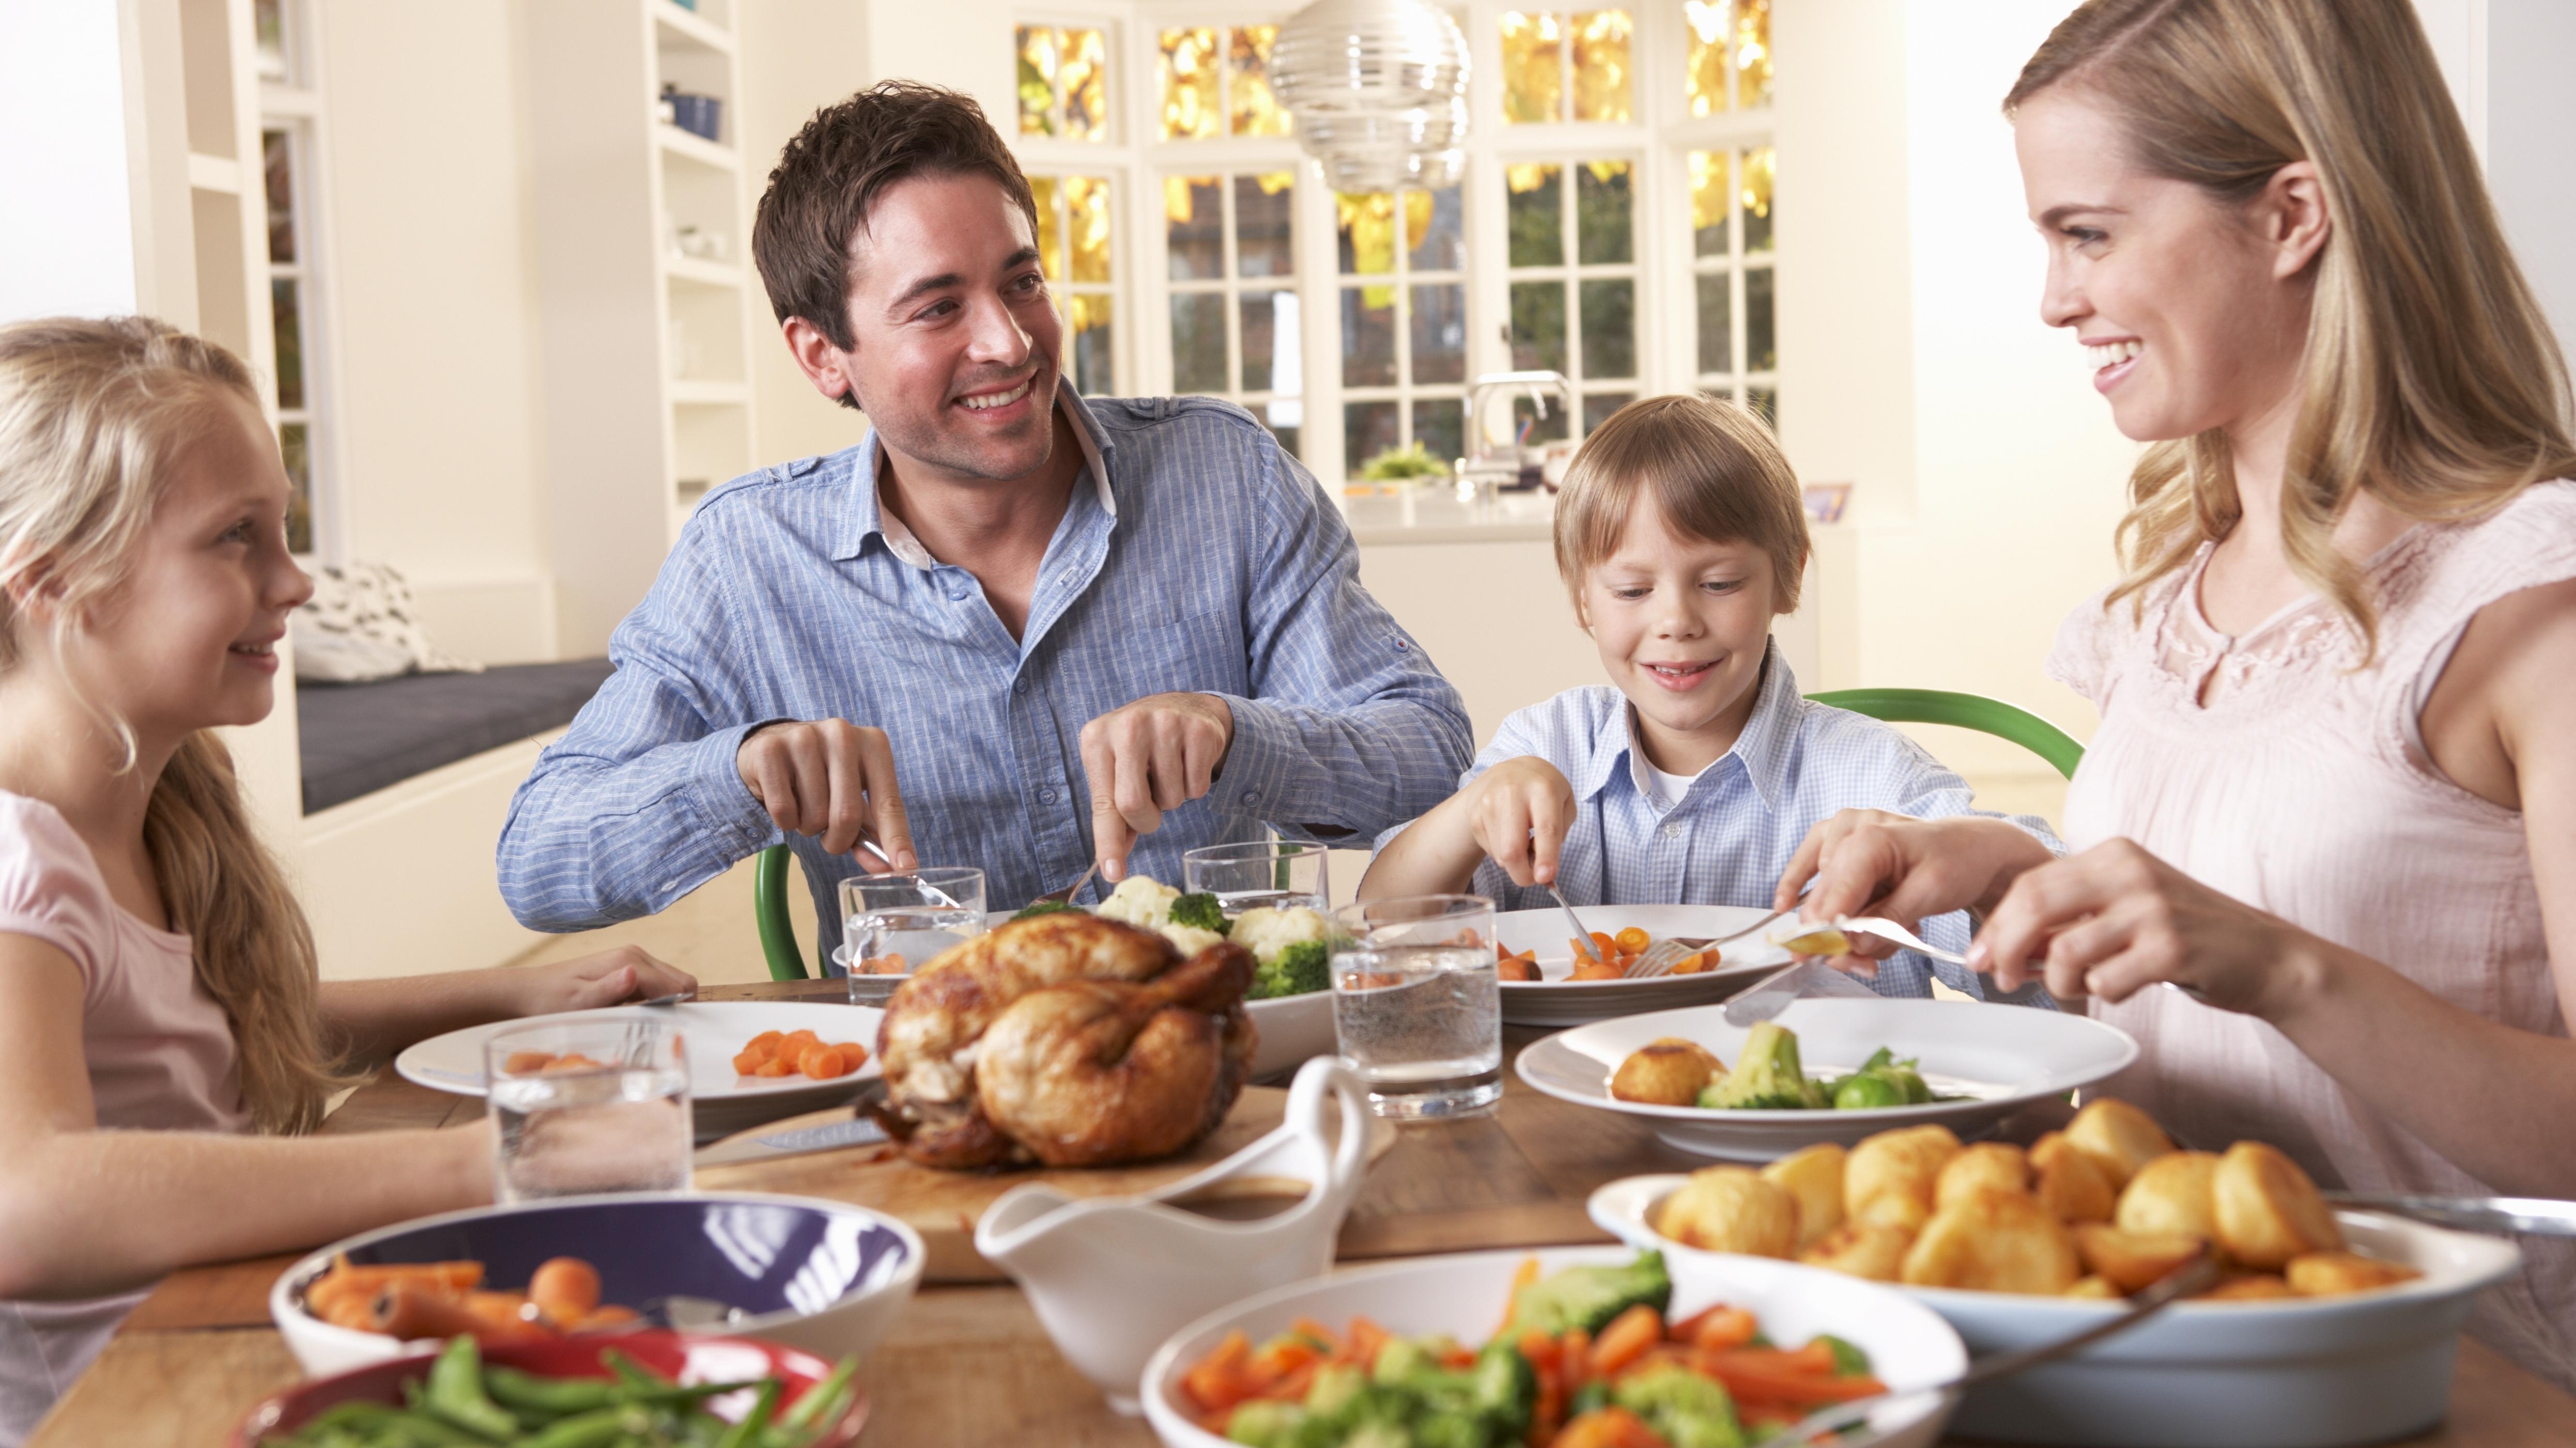 دراسة: تناول الطعام مع الأسرة أو الأصدقاء يفتح الشهية